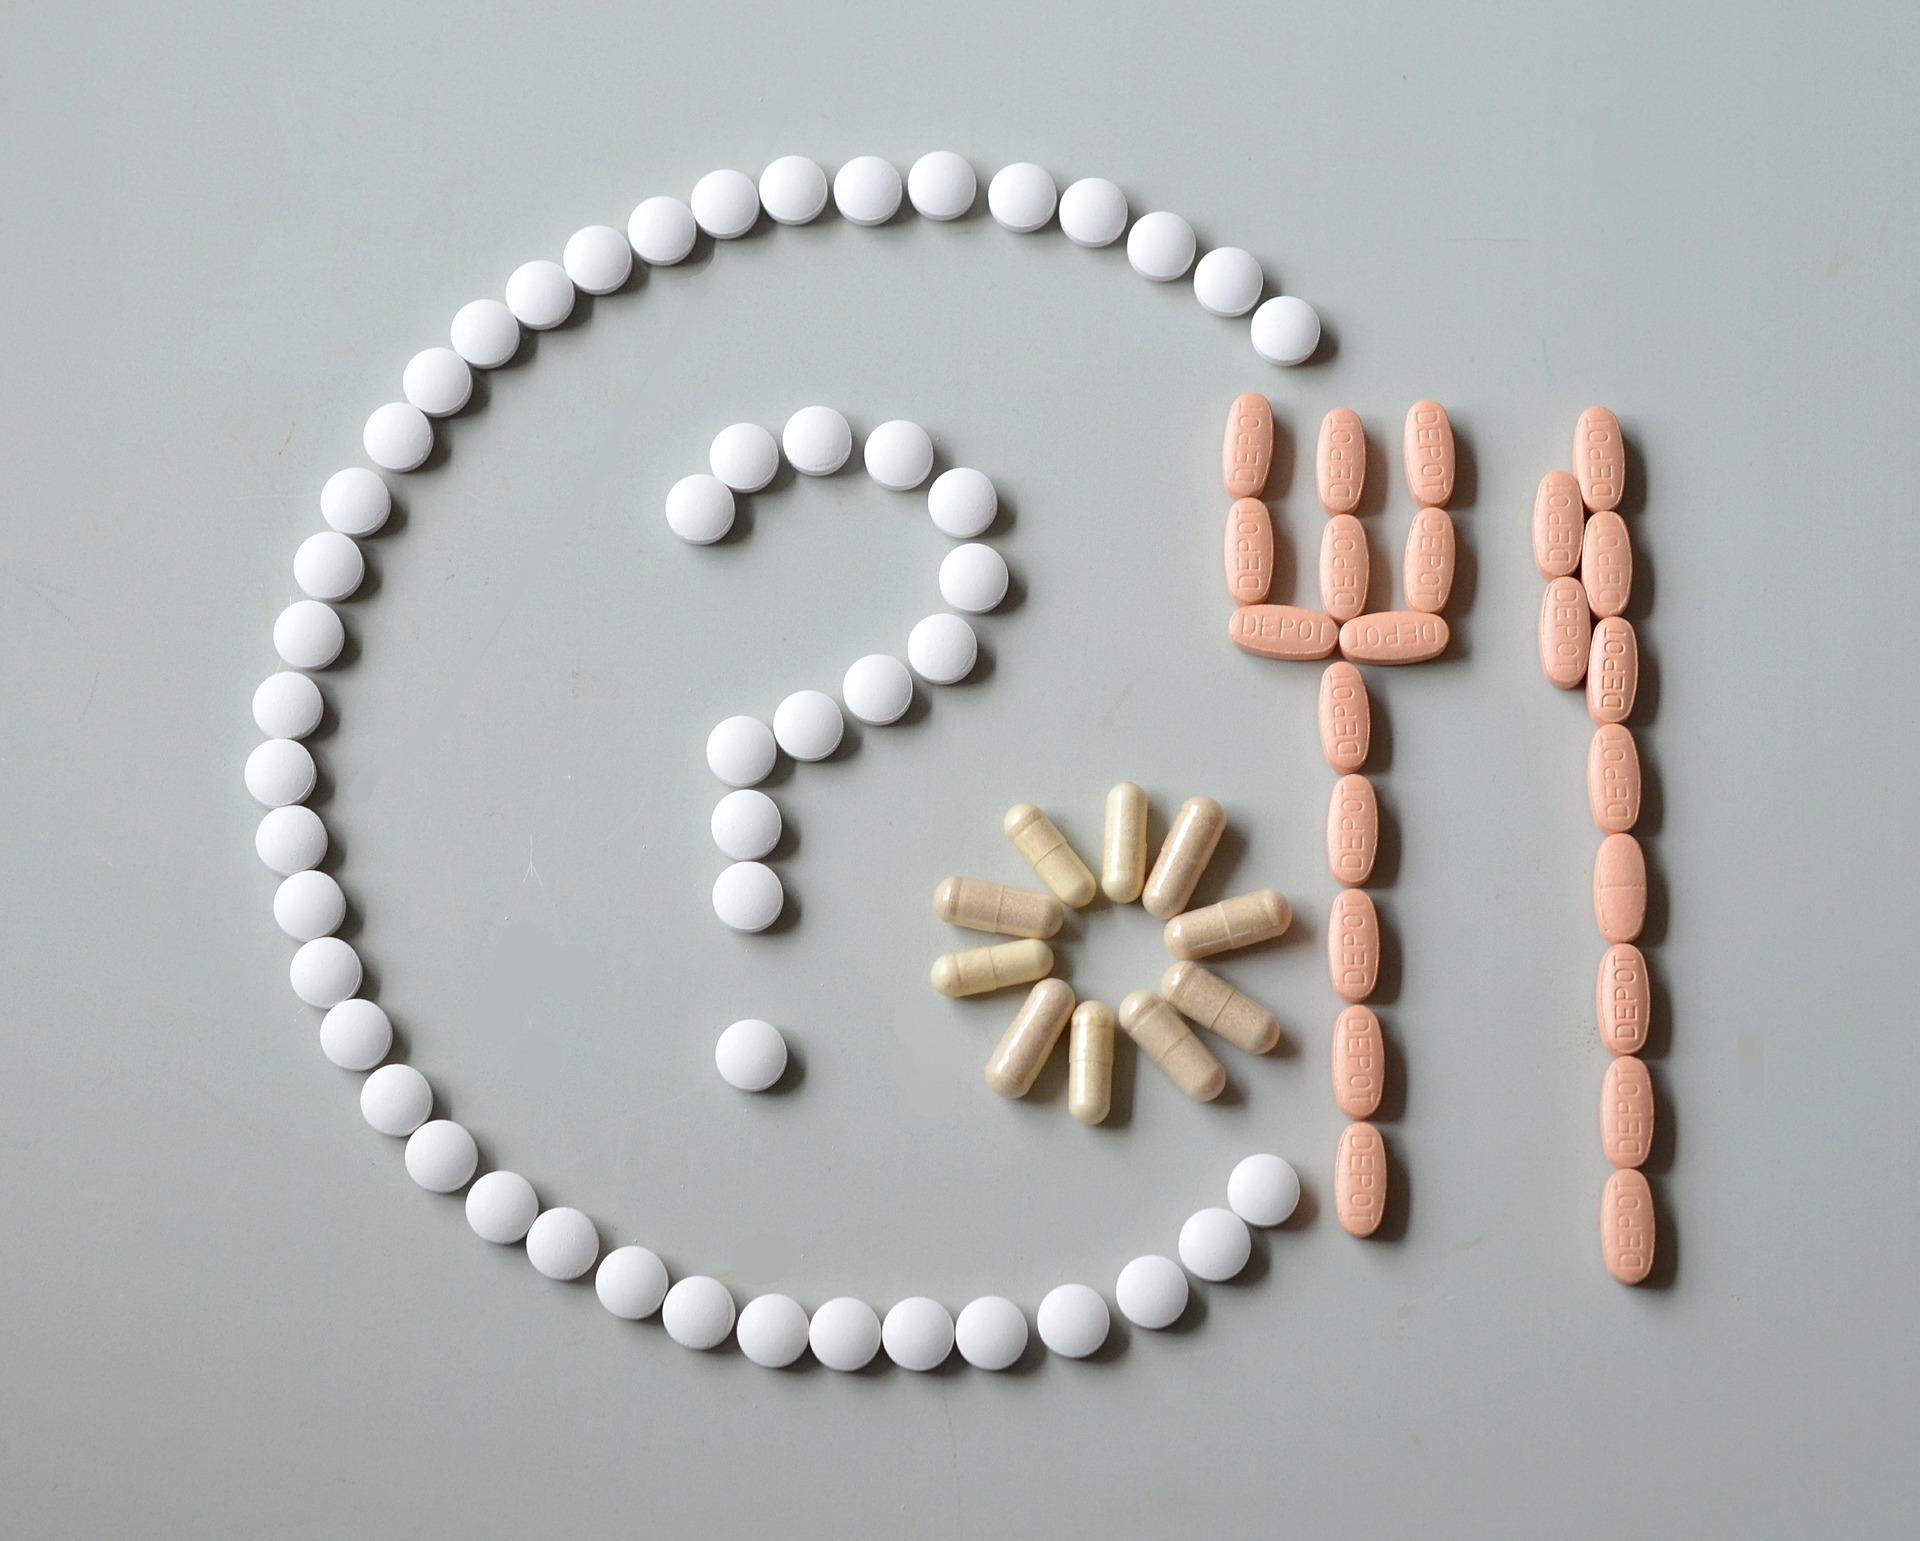 サプリメントは生活習慣病予防の優秀なパートナー